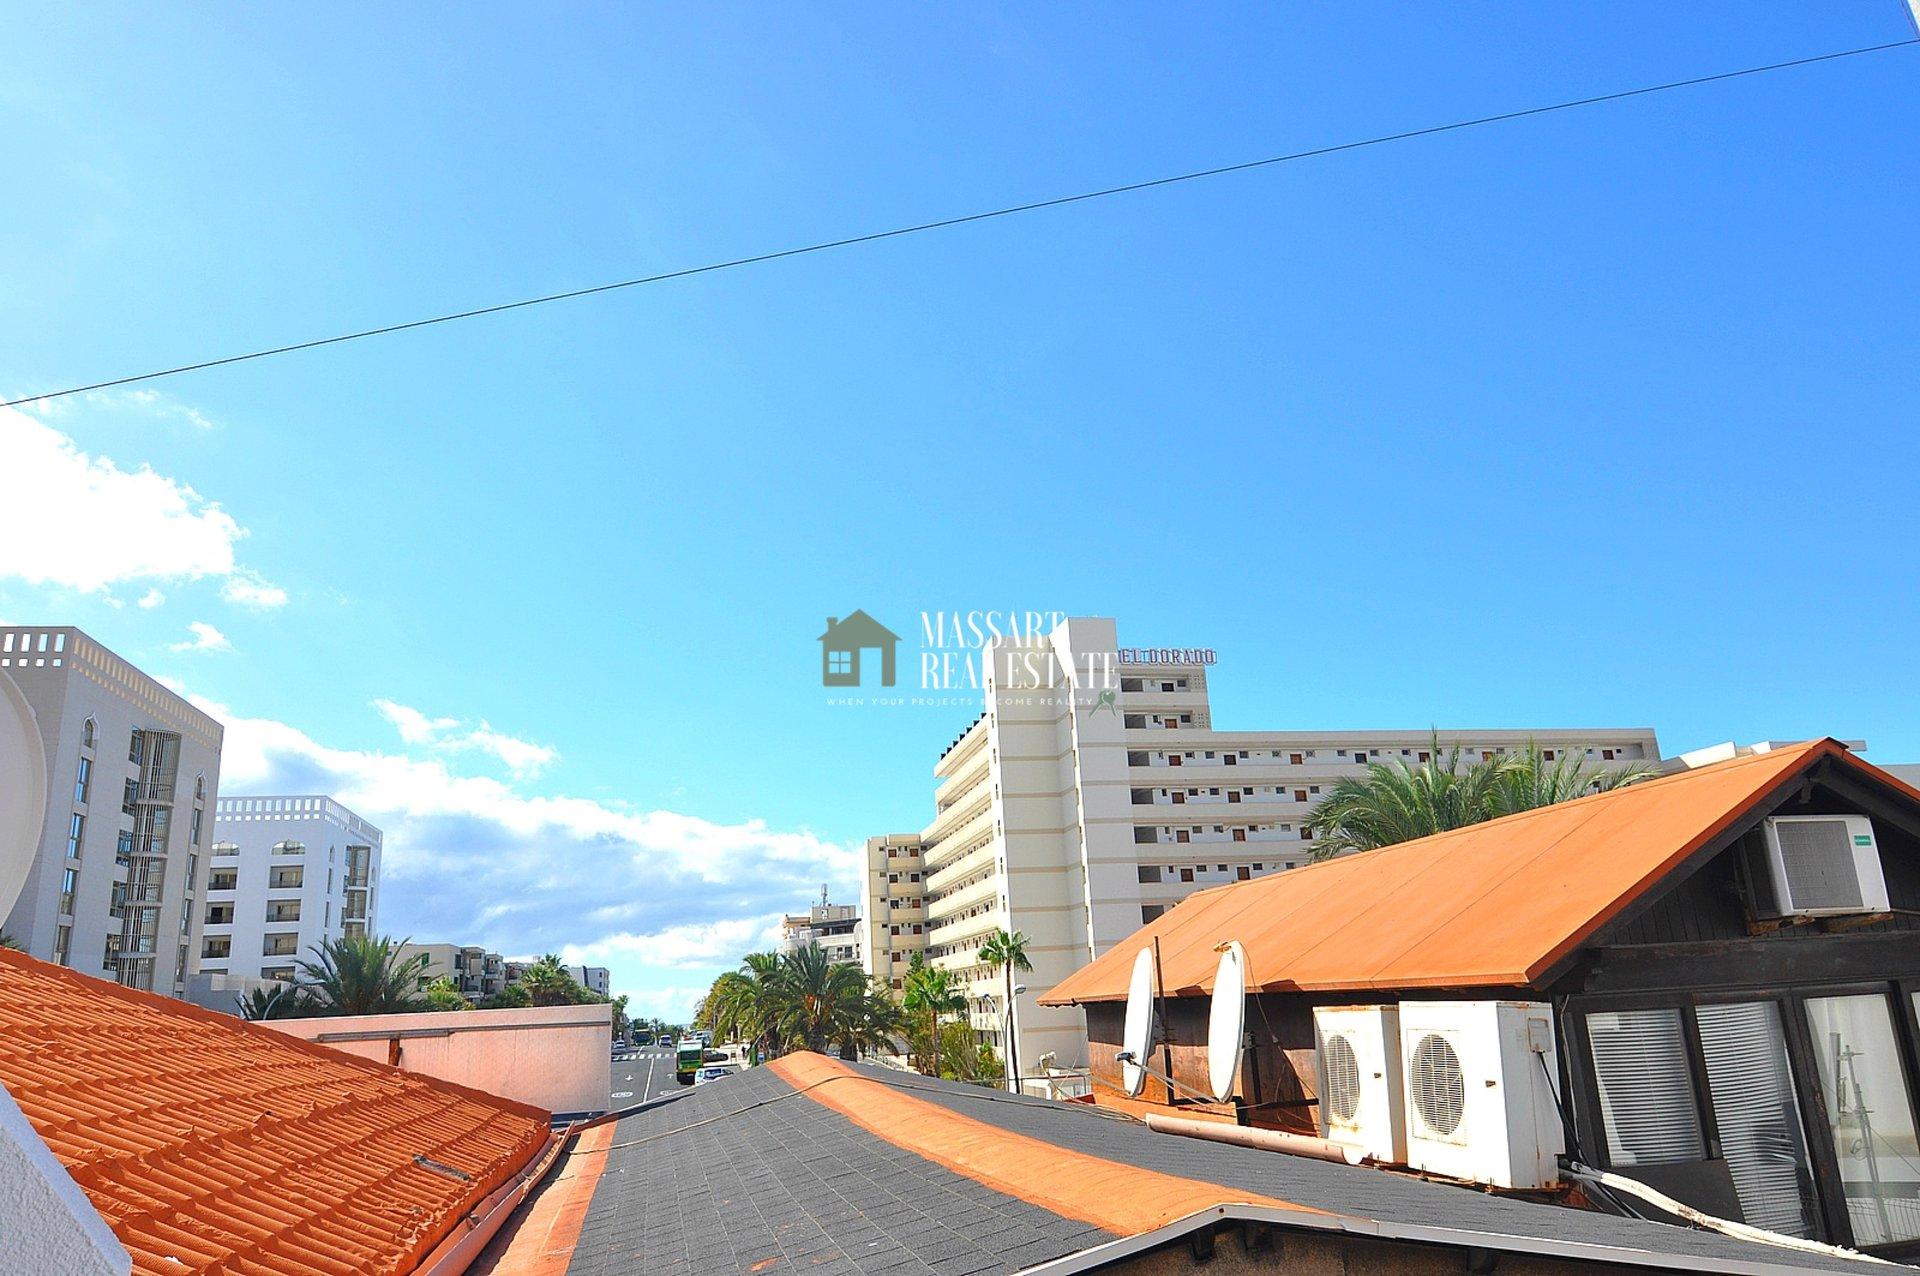 Te koop in het centrum van Las Américas, volledig gemeubileerd en recent gerenoveerd appartement ... met vakantievergunning!